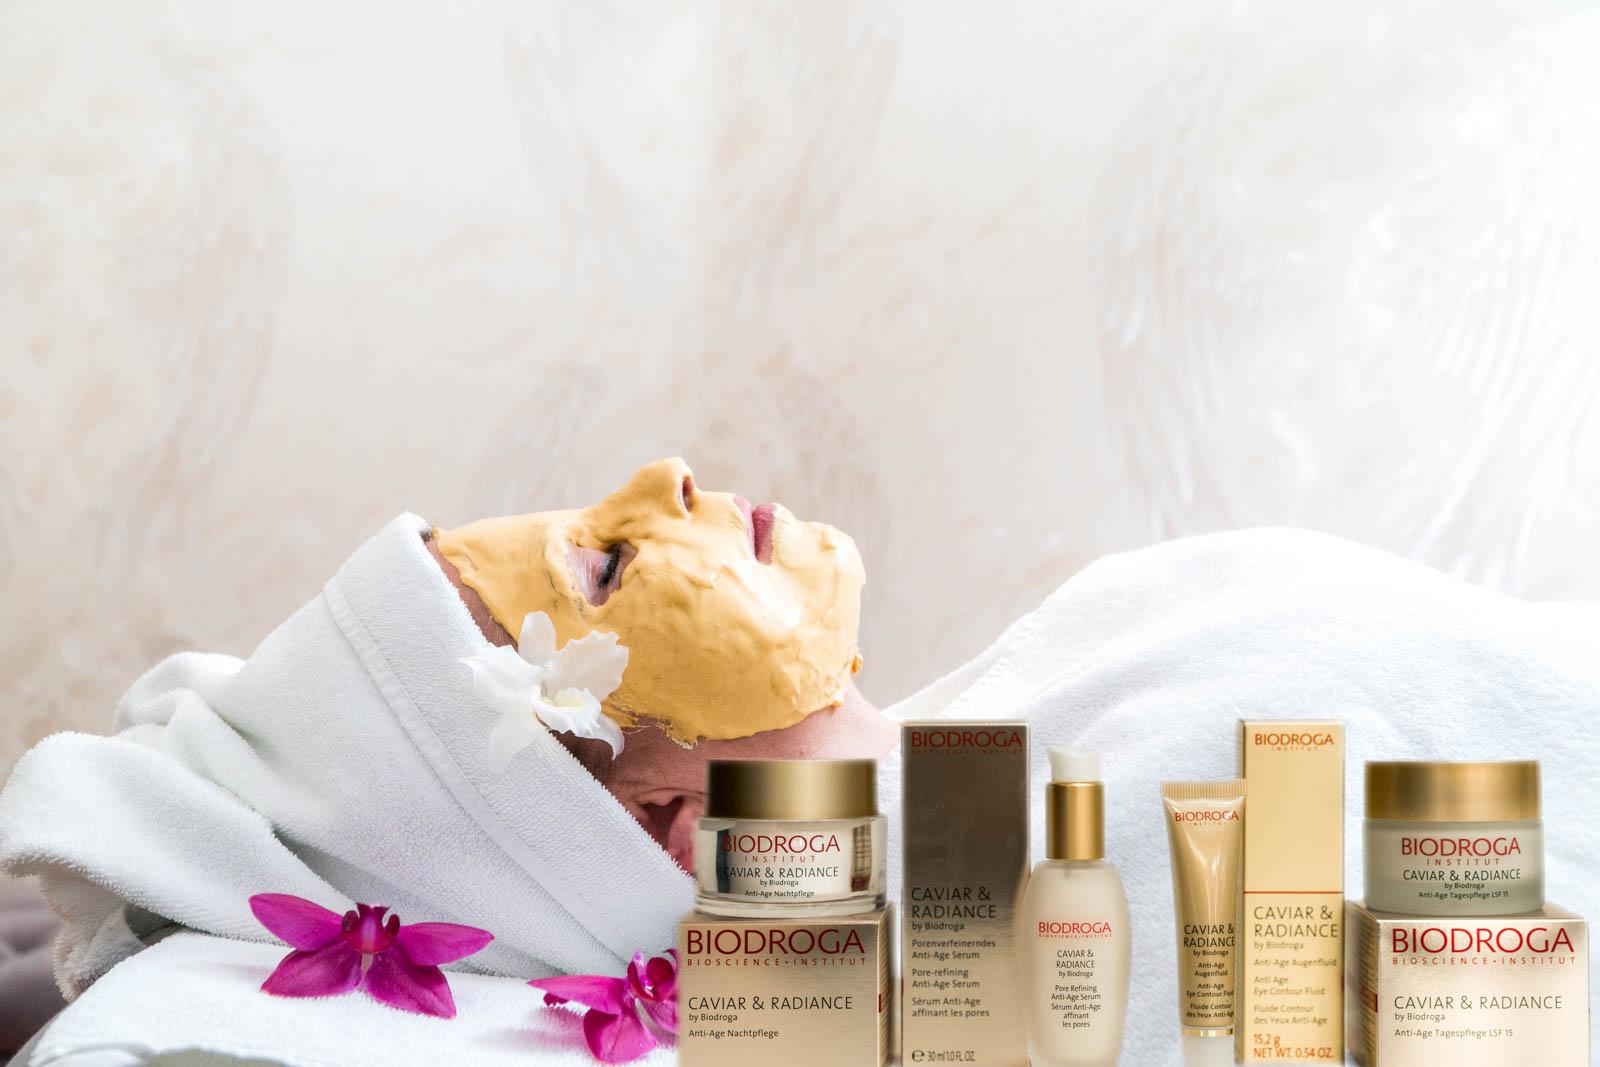 Redröh Beauty & Care professional Kosmetikstudio in München bietet Gesichtsmaske